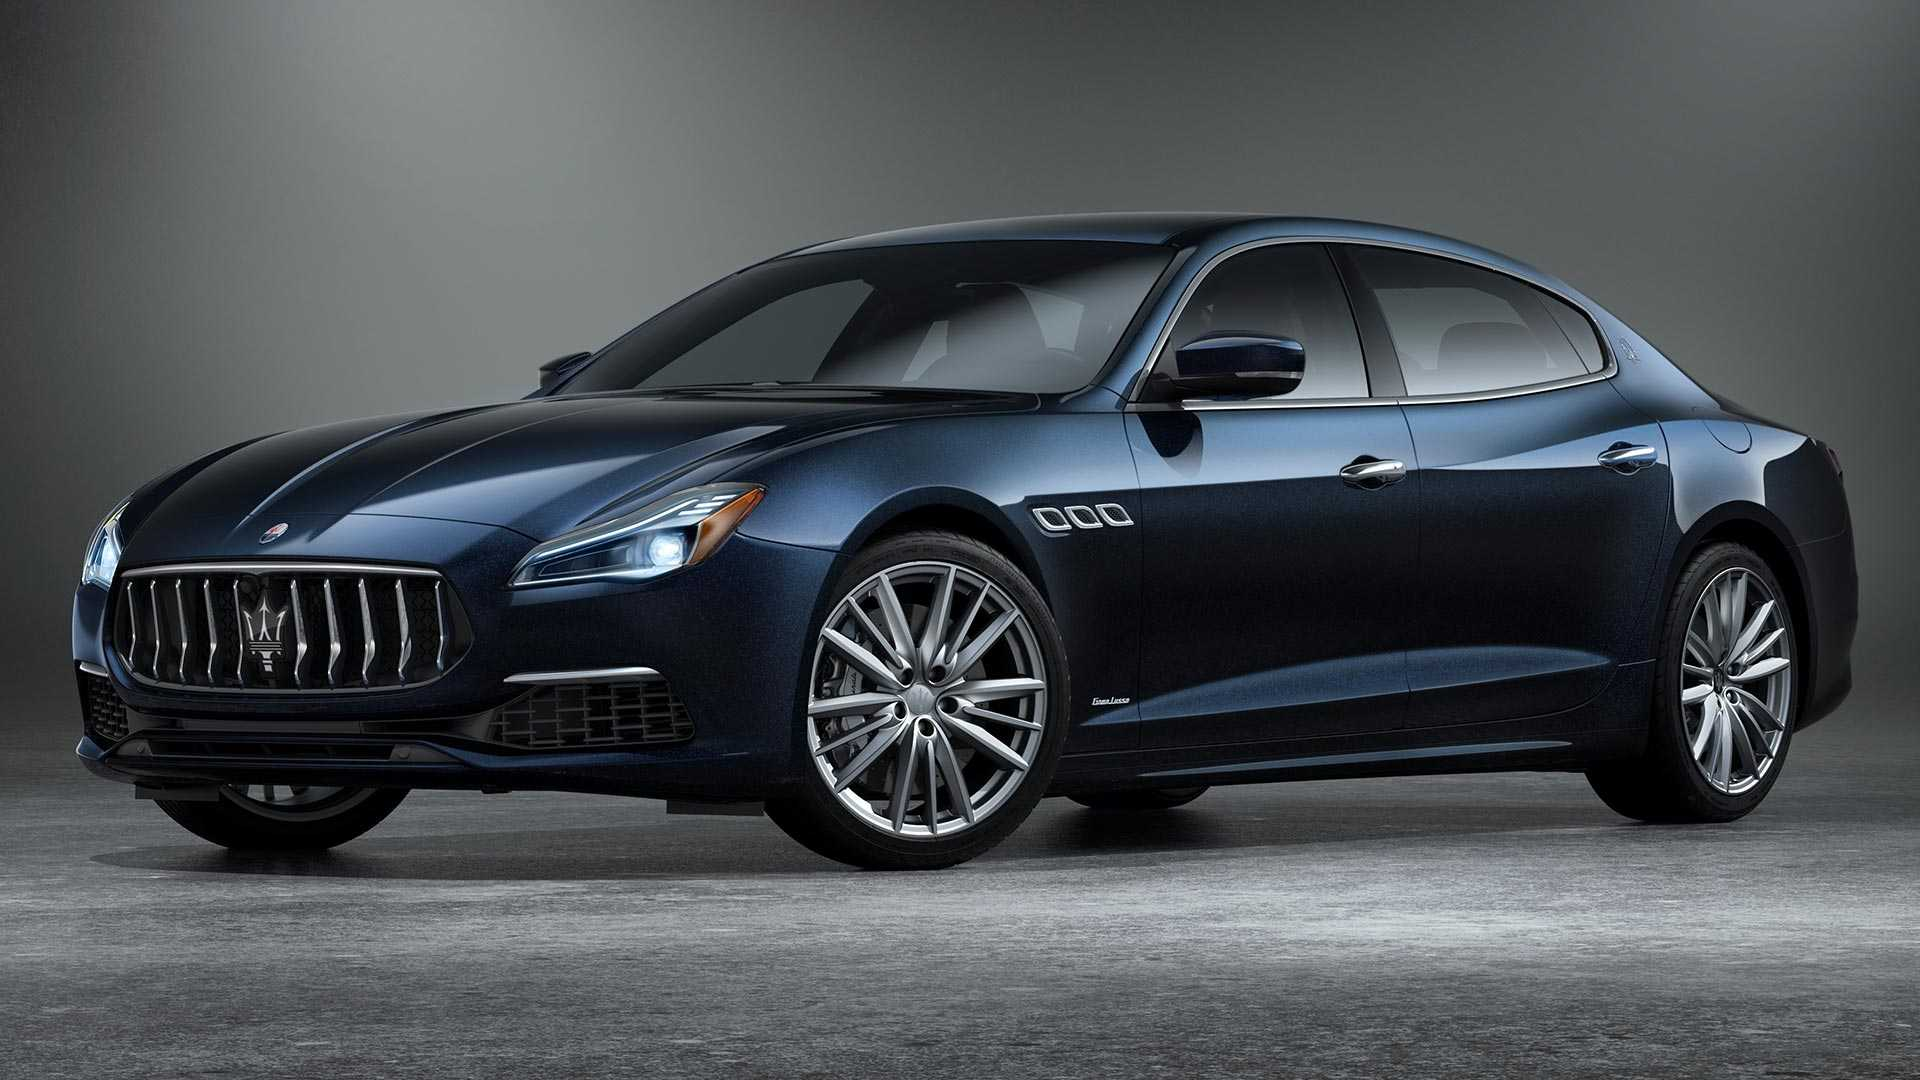 Maserati_Ghibli_Edizione_Nobile_package_00010000